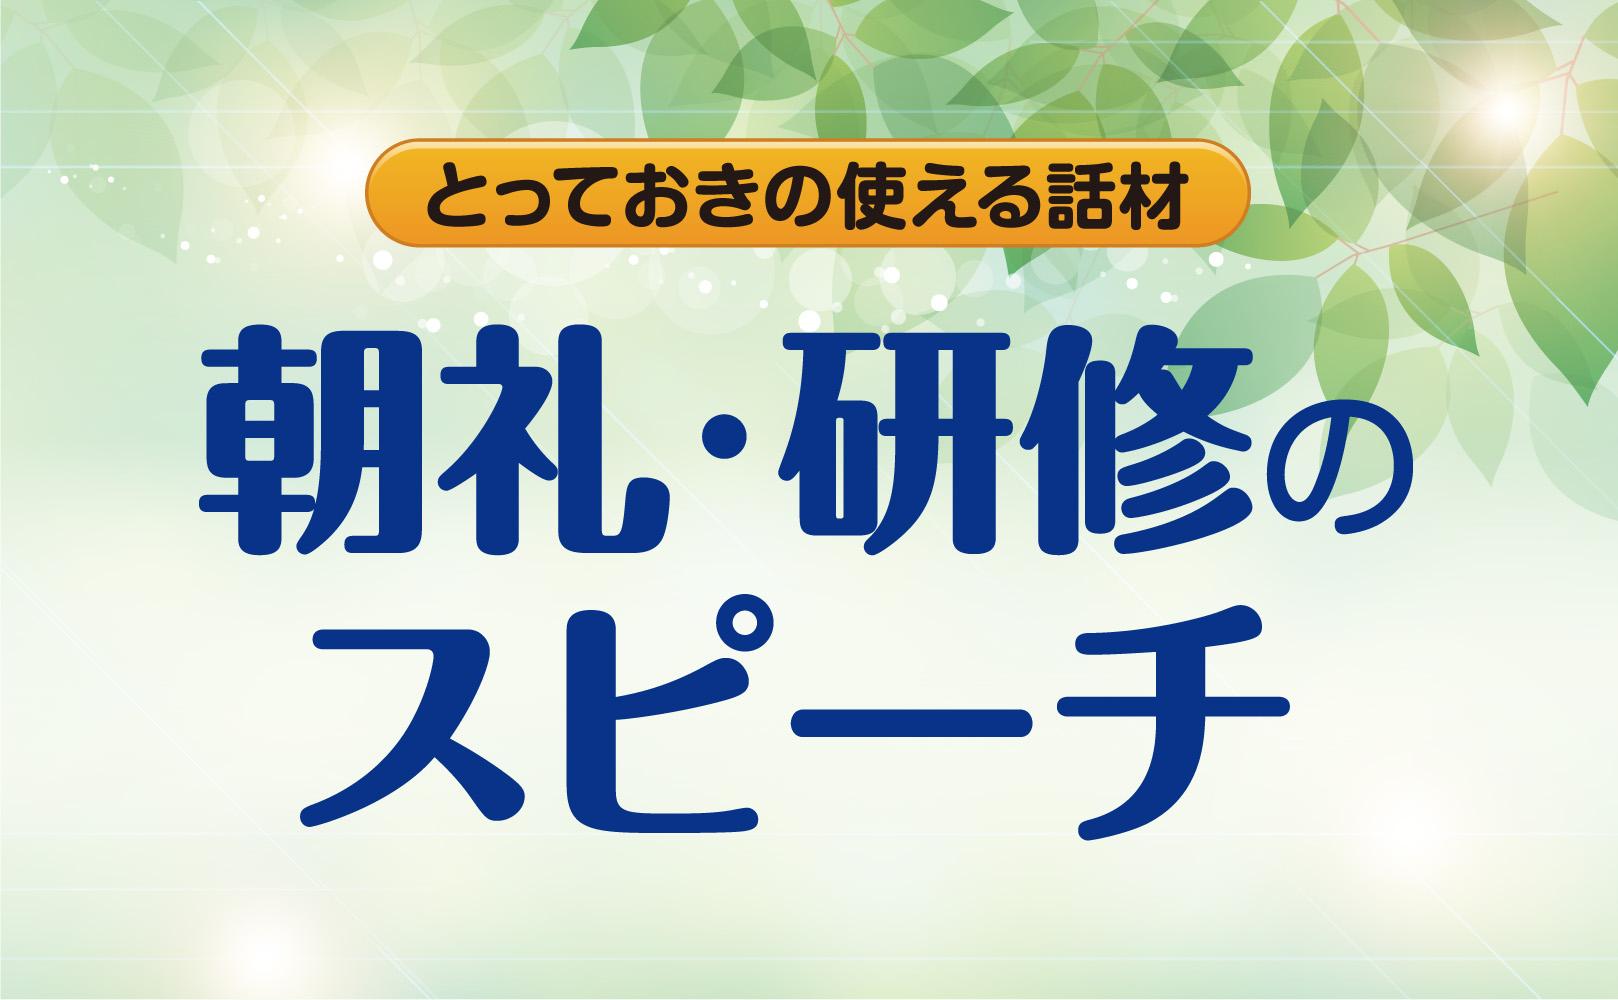 深呼吸の効用【朝礼・研修のスピーチ】